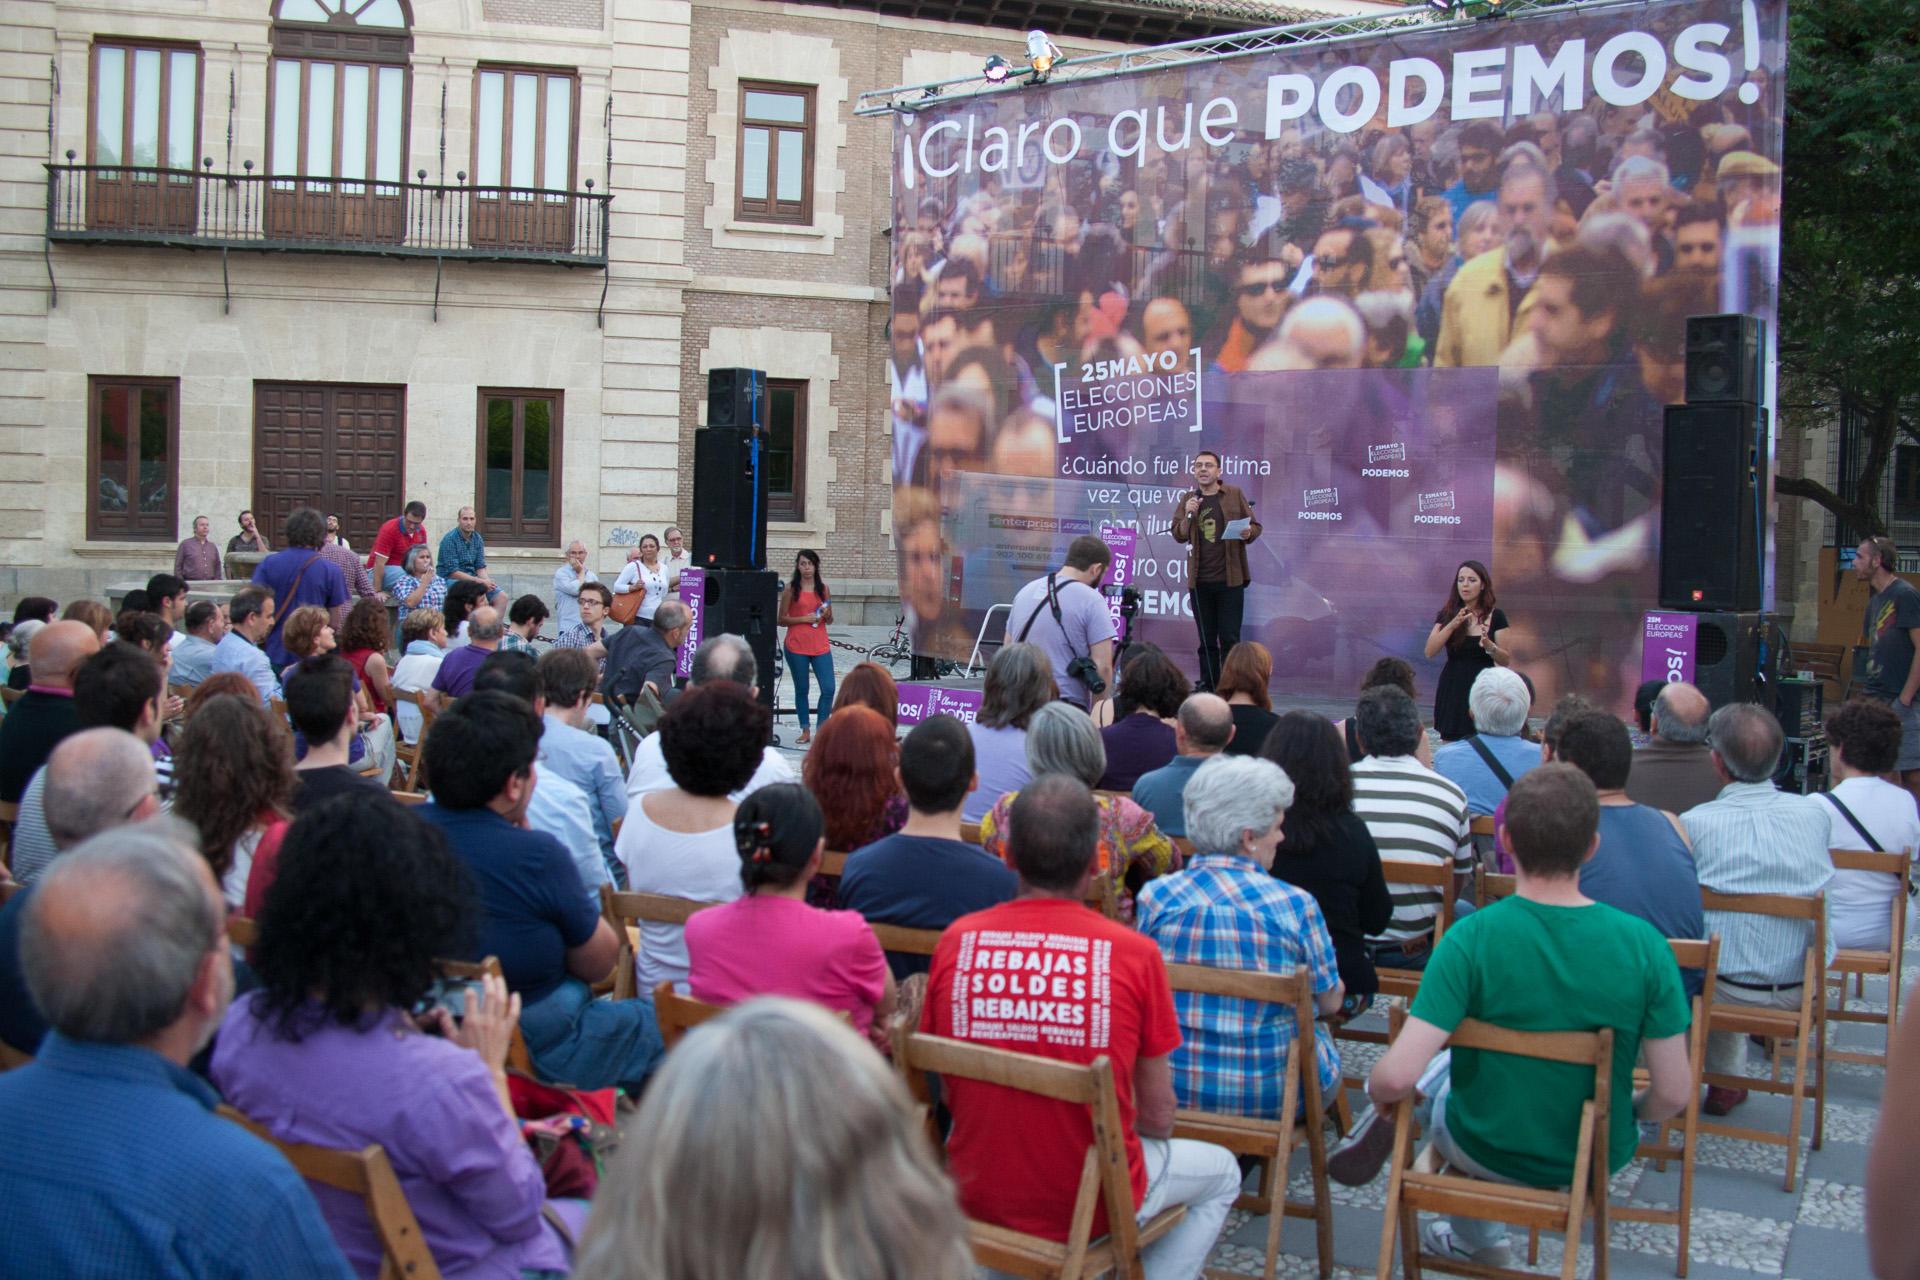 Los Cículos de Podemos, lo más importante que ha logrado la organización